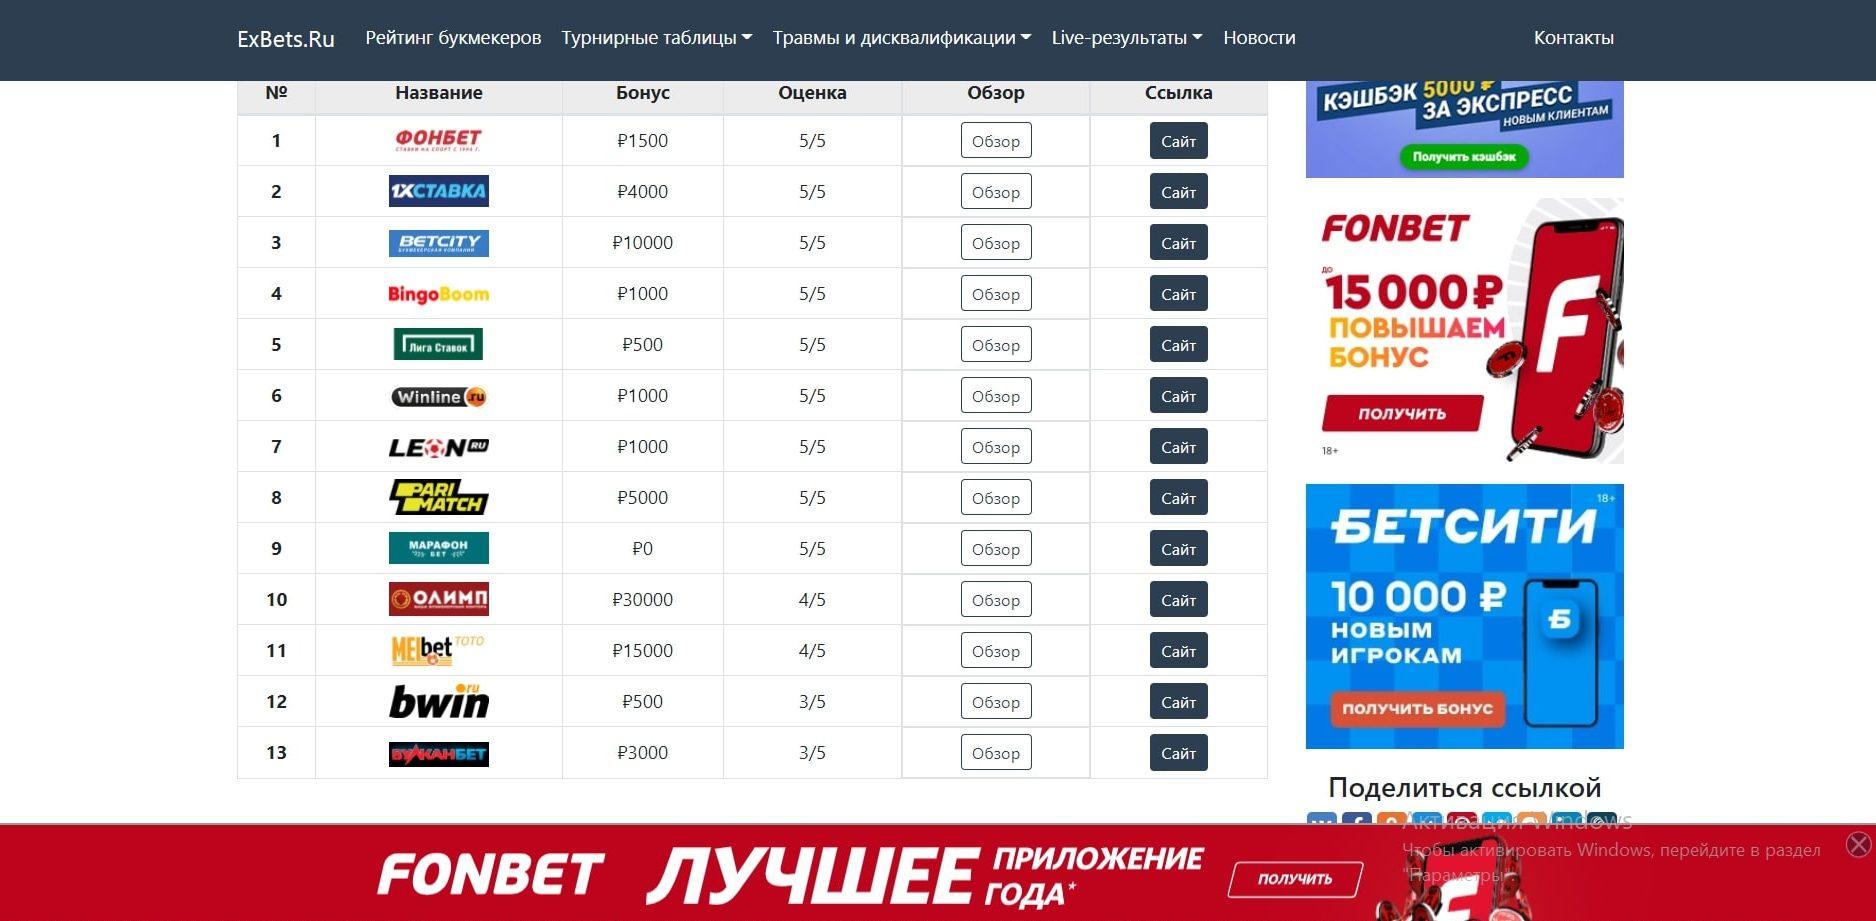 Как работает каппер Exbets.ru бесплатные прогнозы на спорт